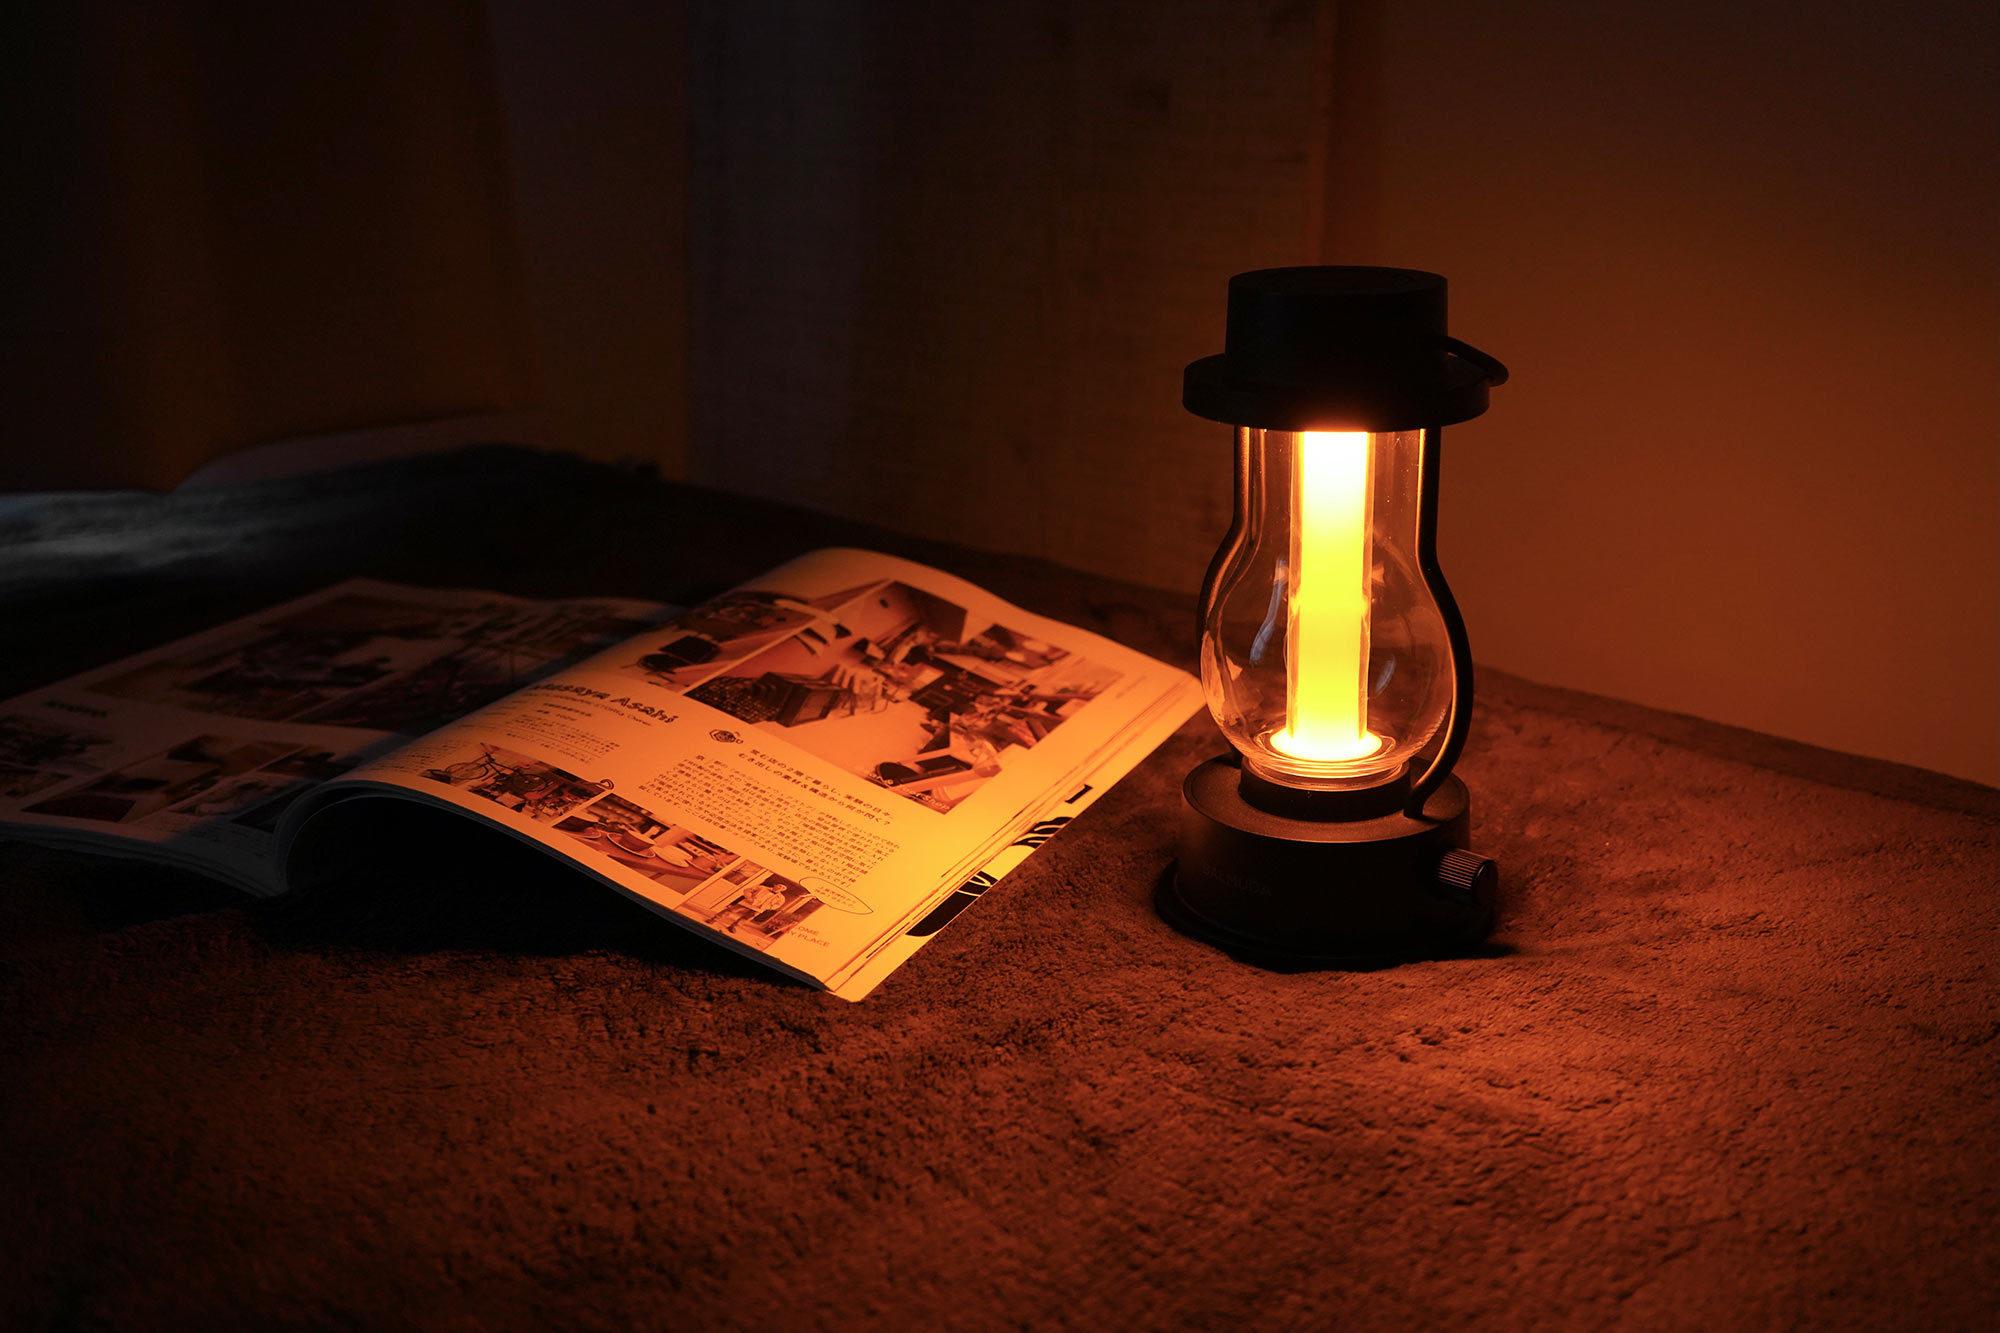 寝る前は部屋の電気を消してランタンの明るさだけで過ごすのがマイブーム。